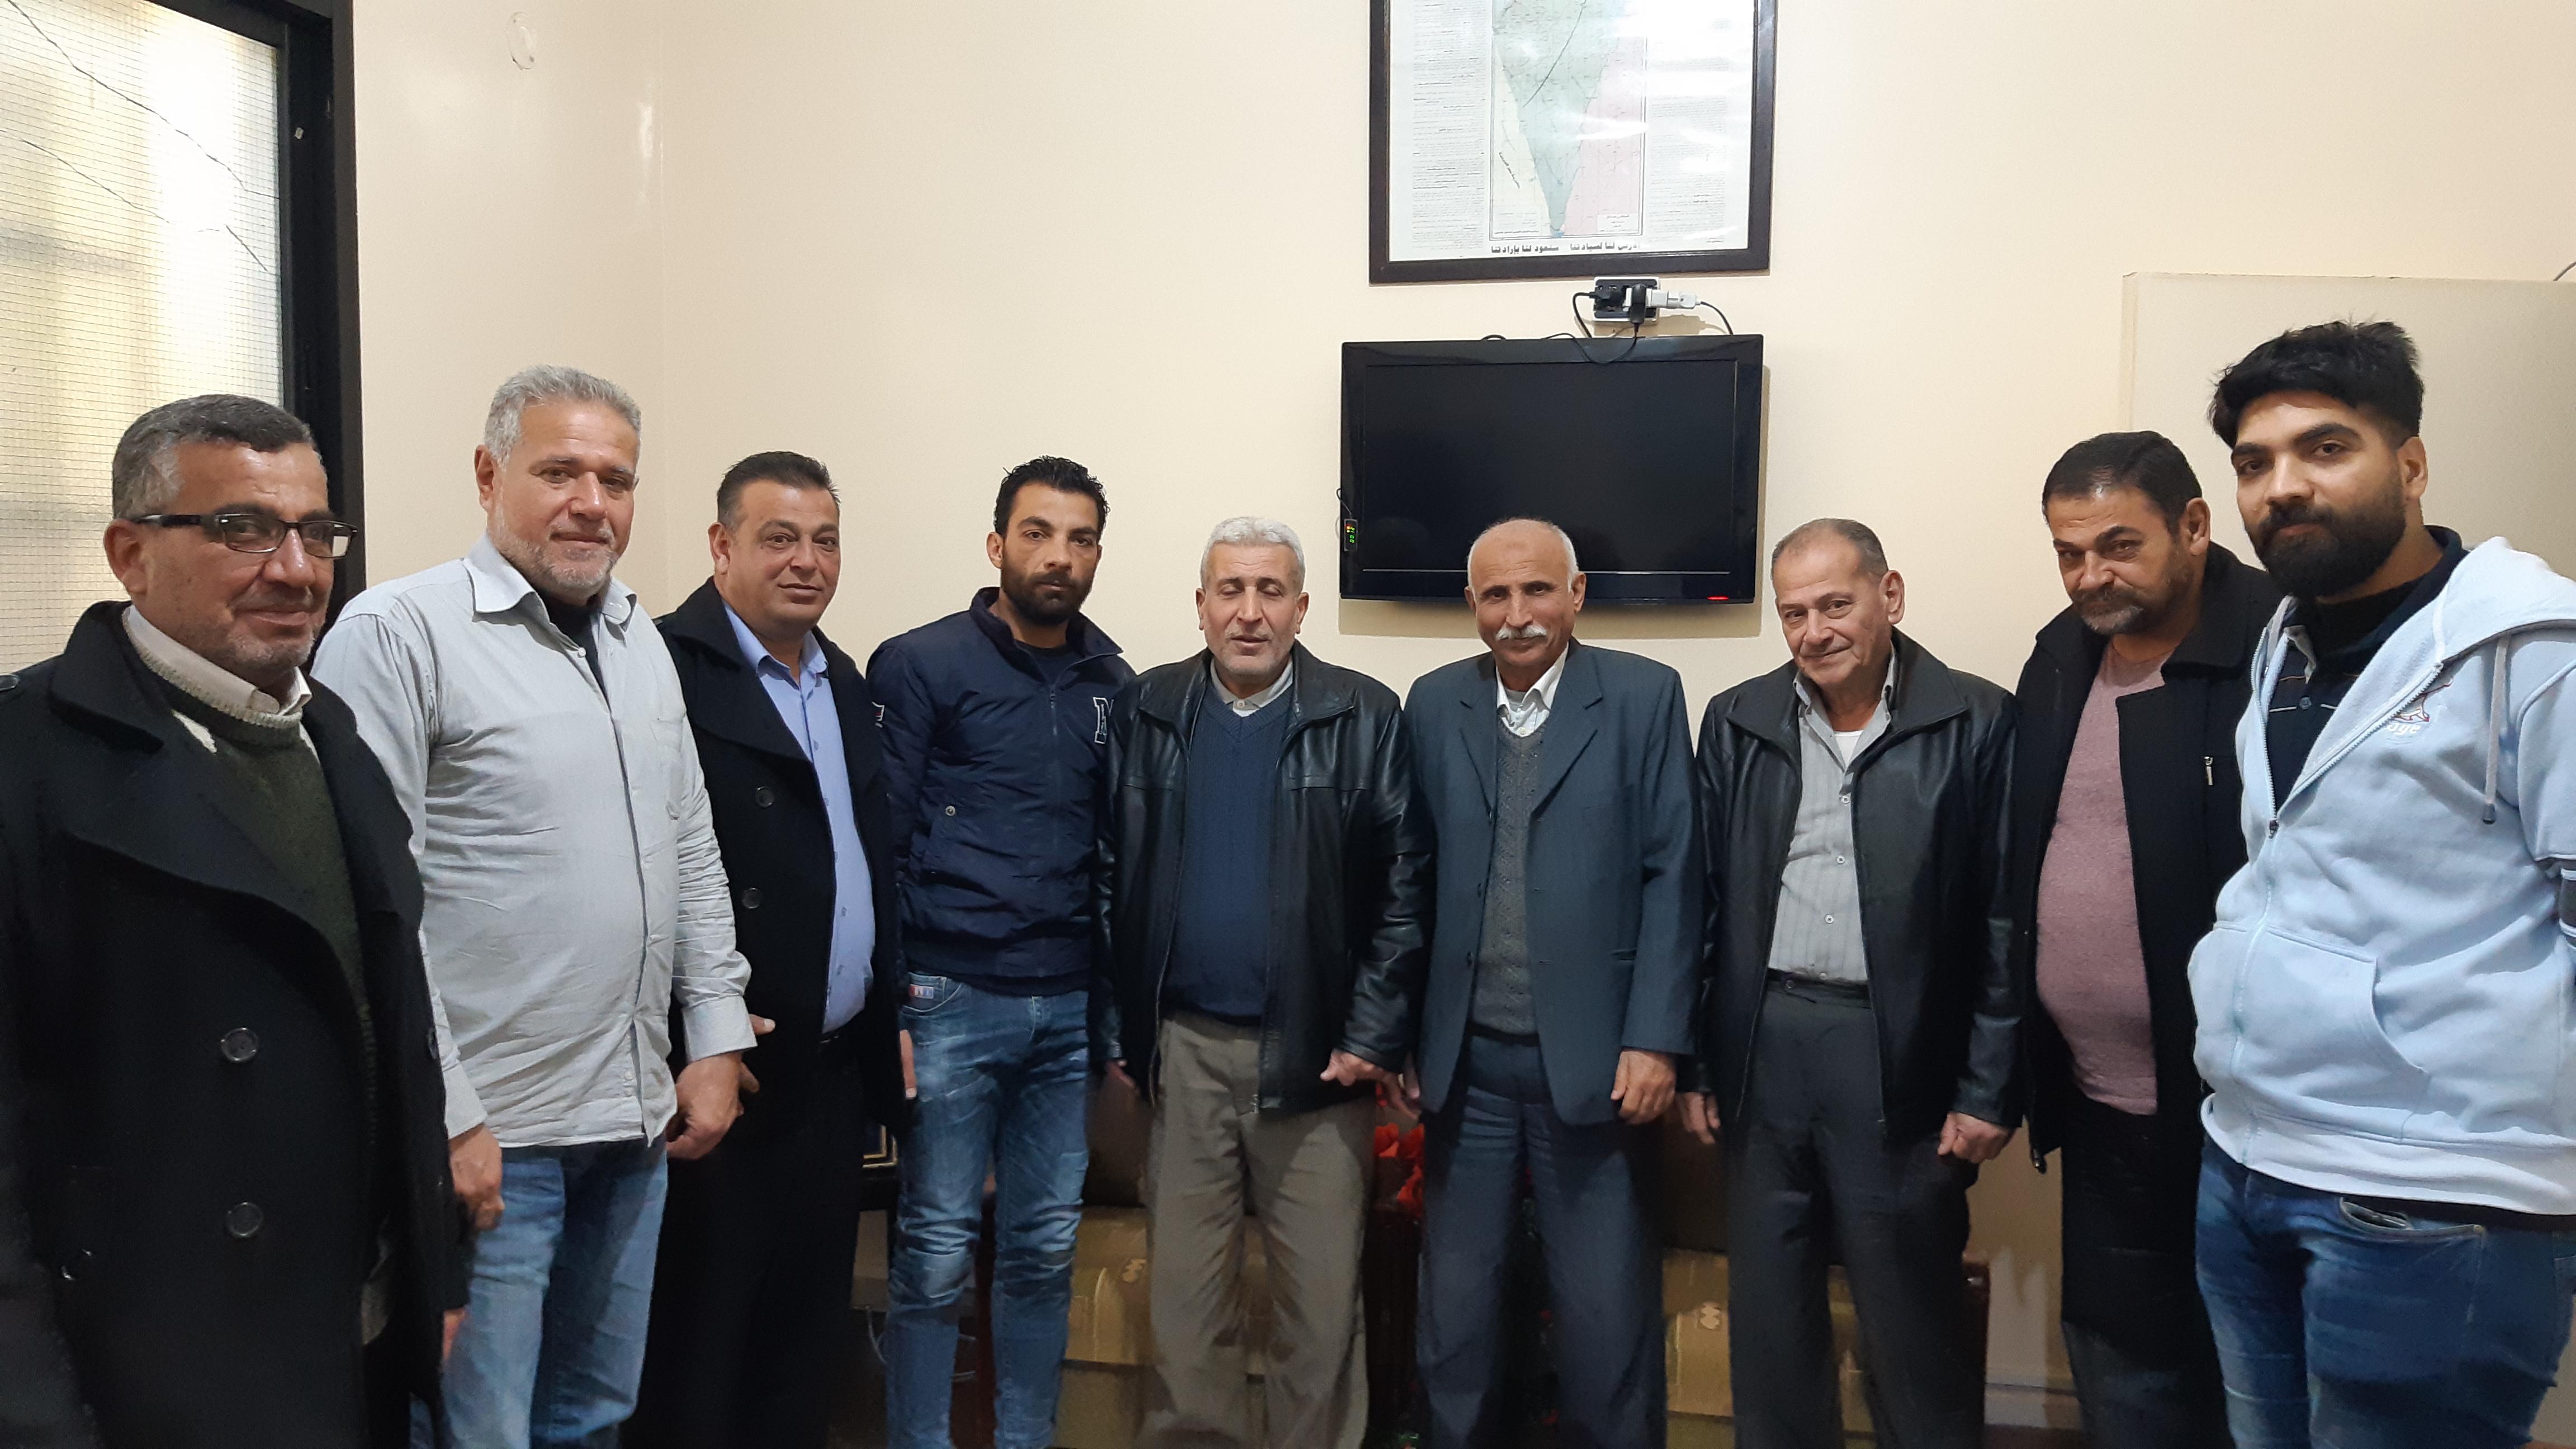 الرشيدية || الجهاد يستقبل وفدا من جبهة التحرير الفلسطينية وابناء